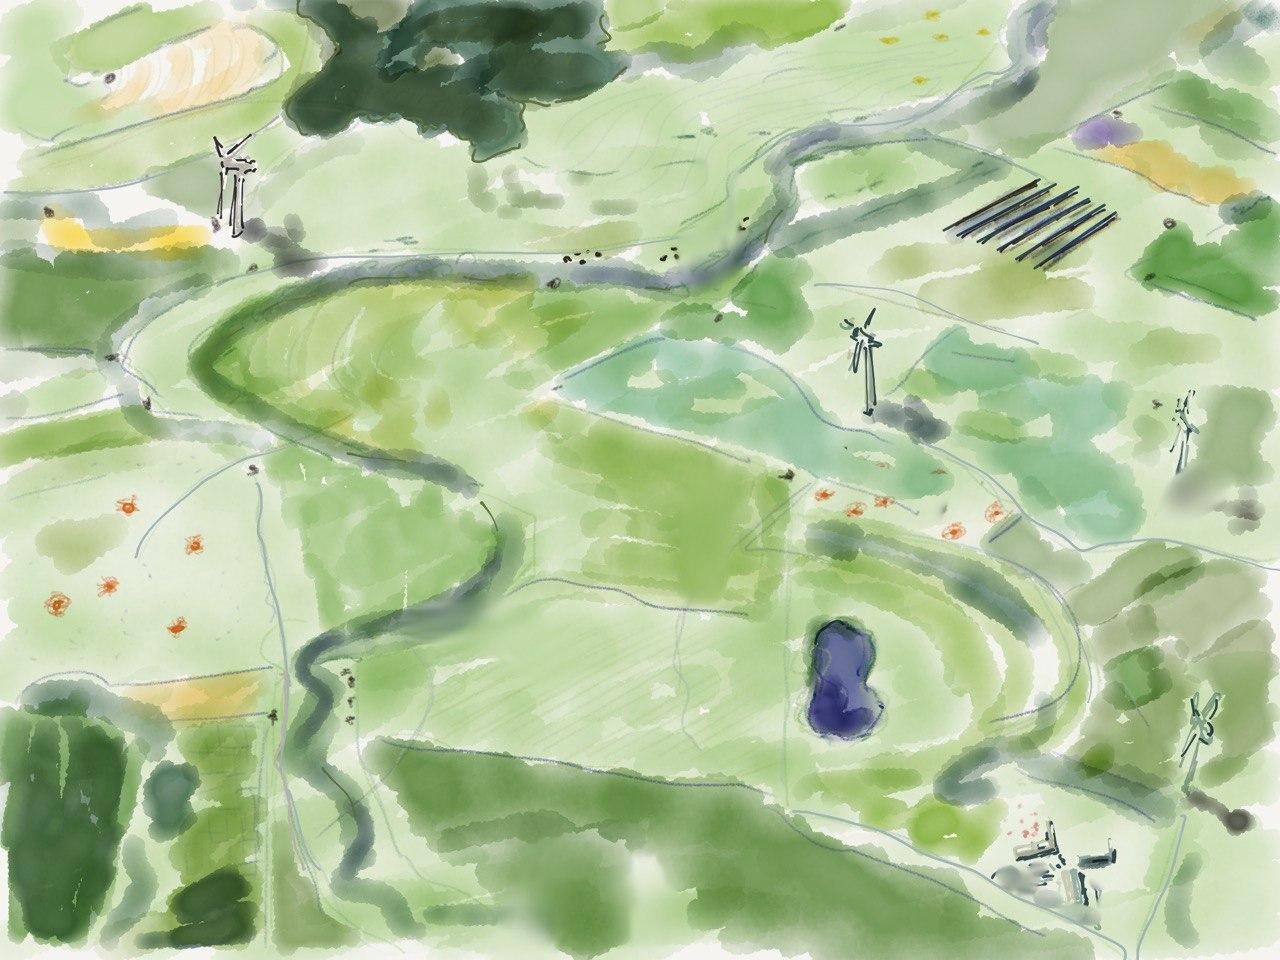 Ein gemaltes, imaginäres Luftbild